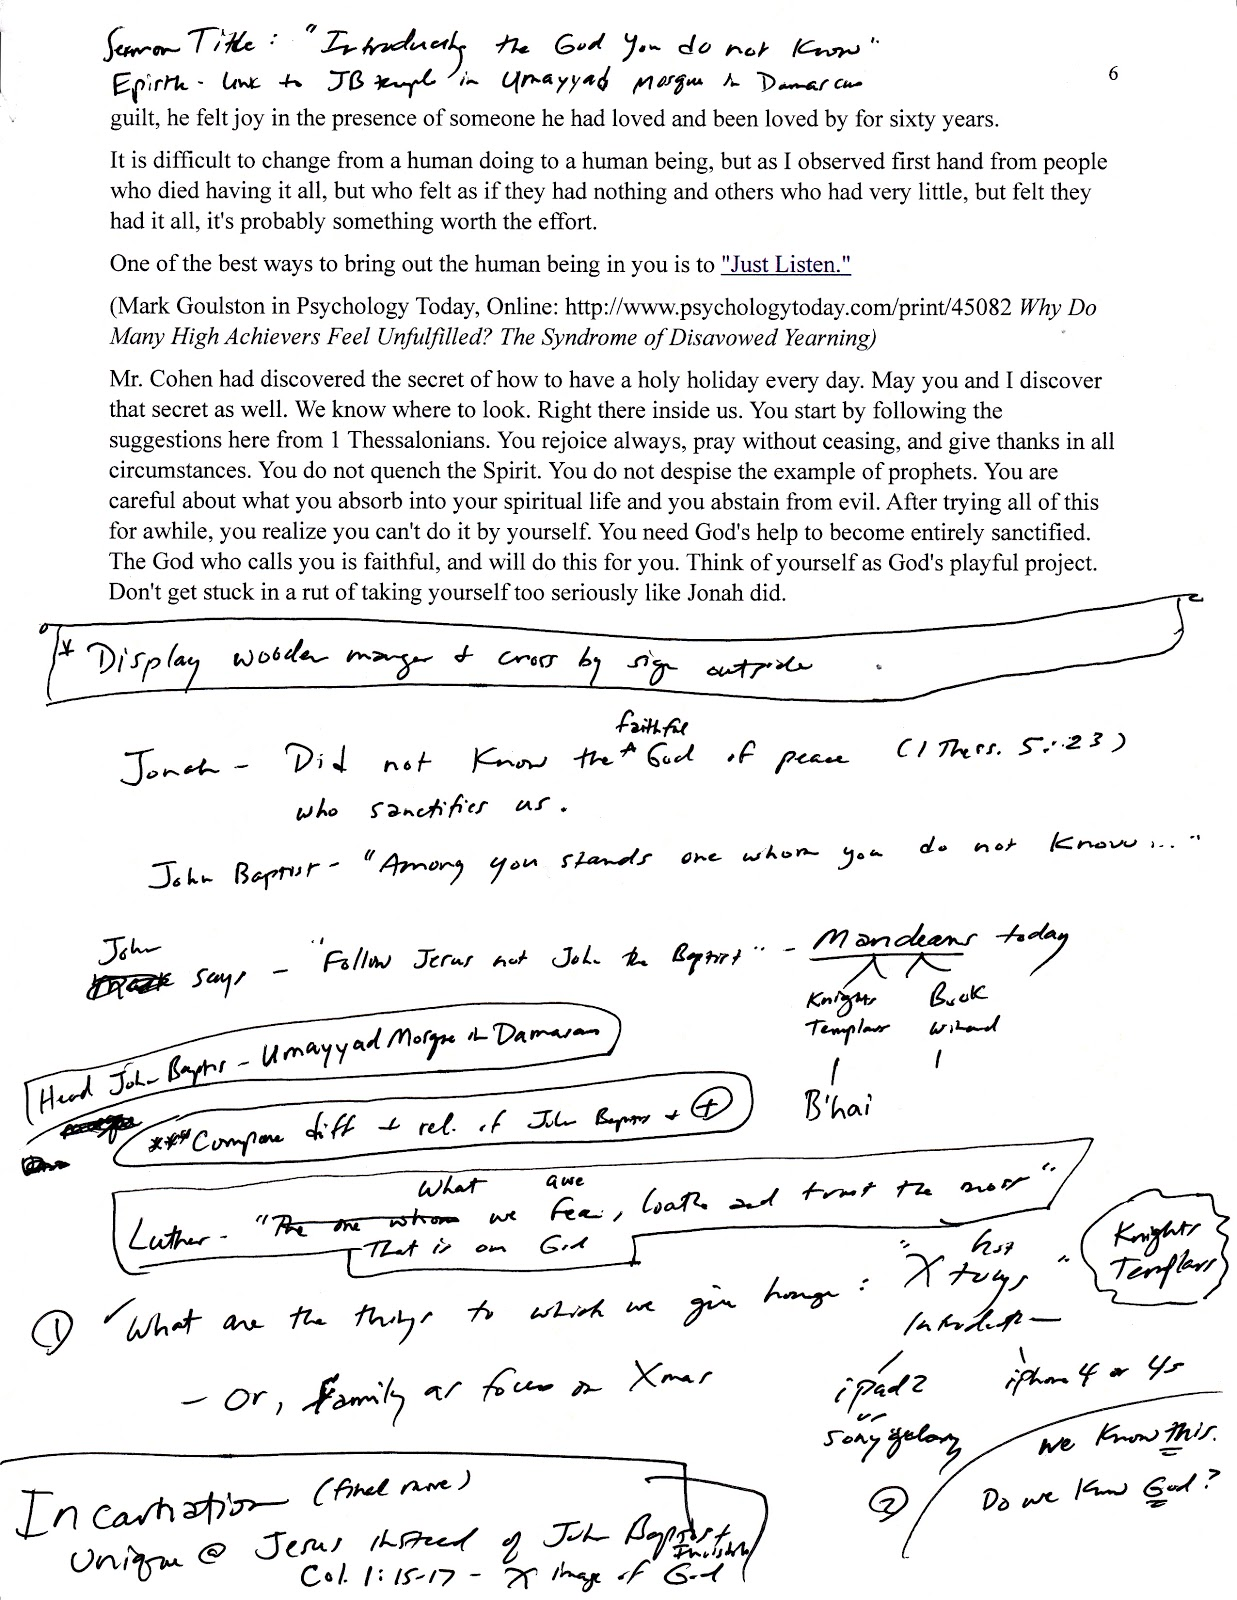 Truman show critique essay - asge.ru